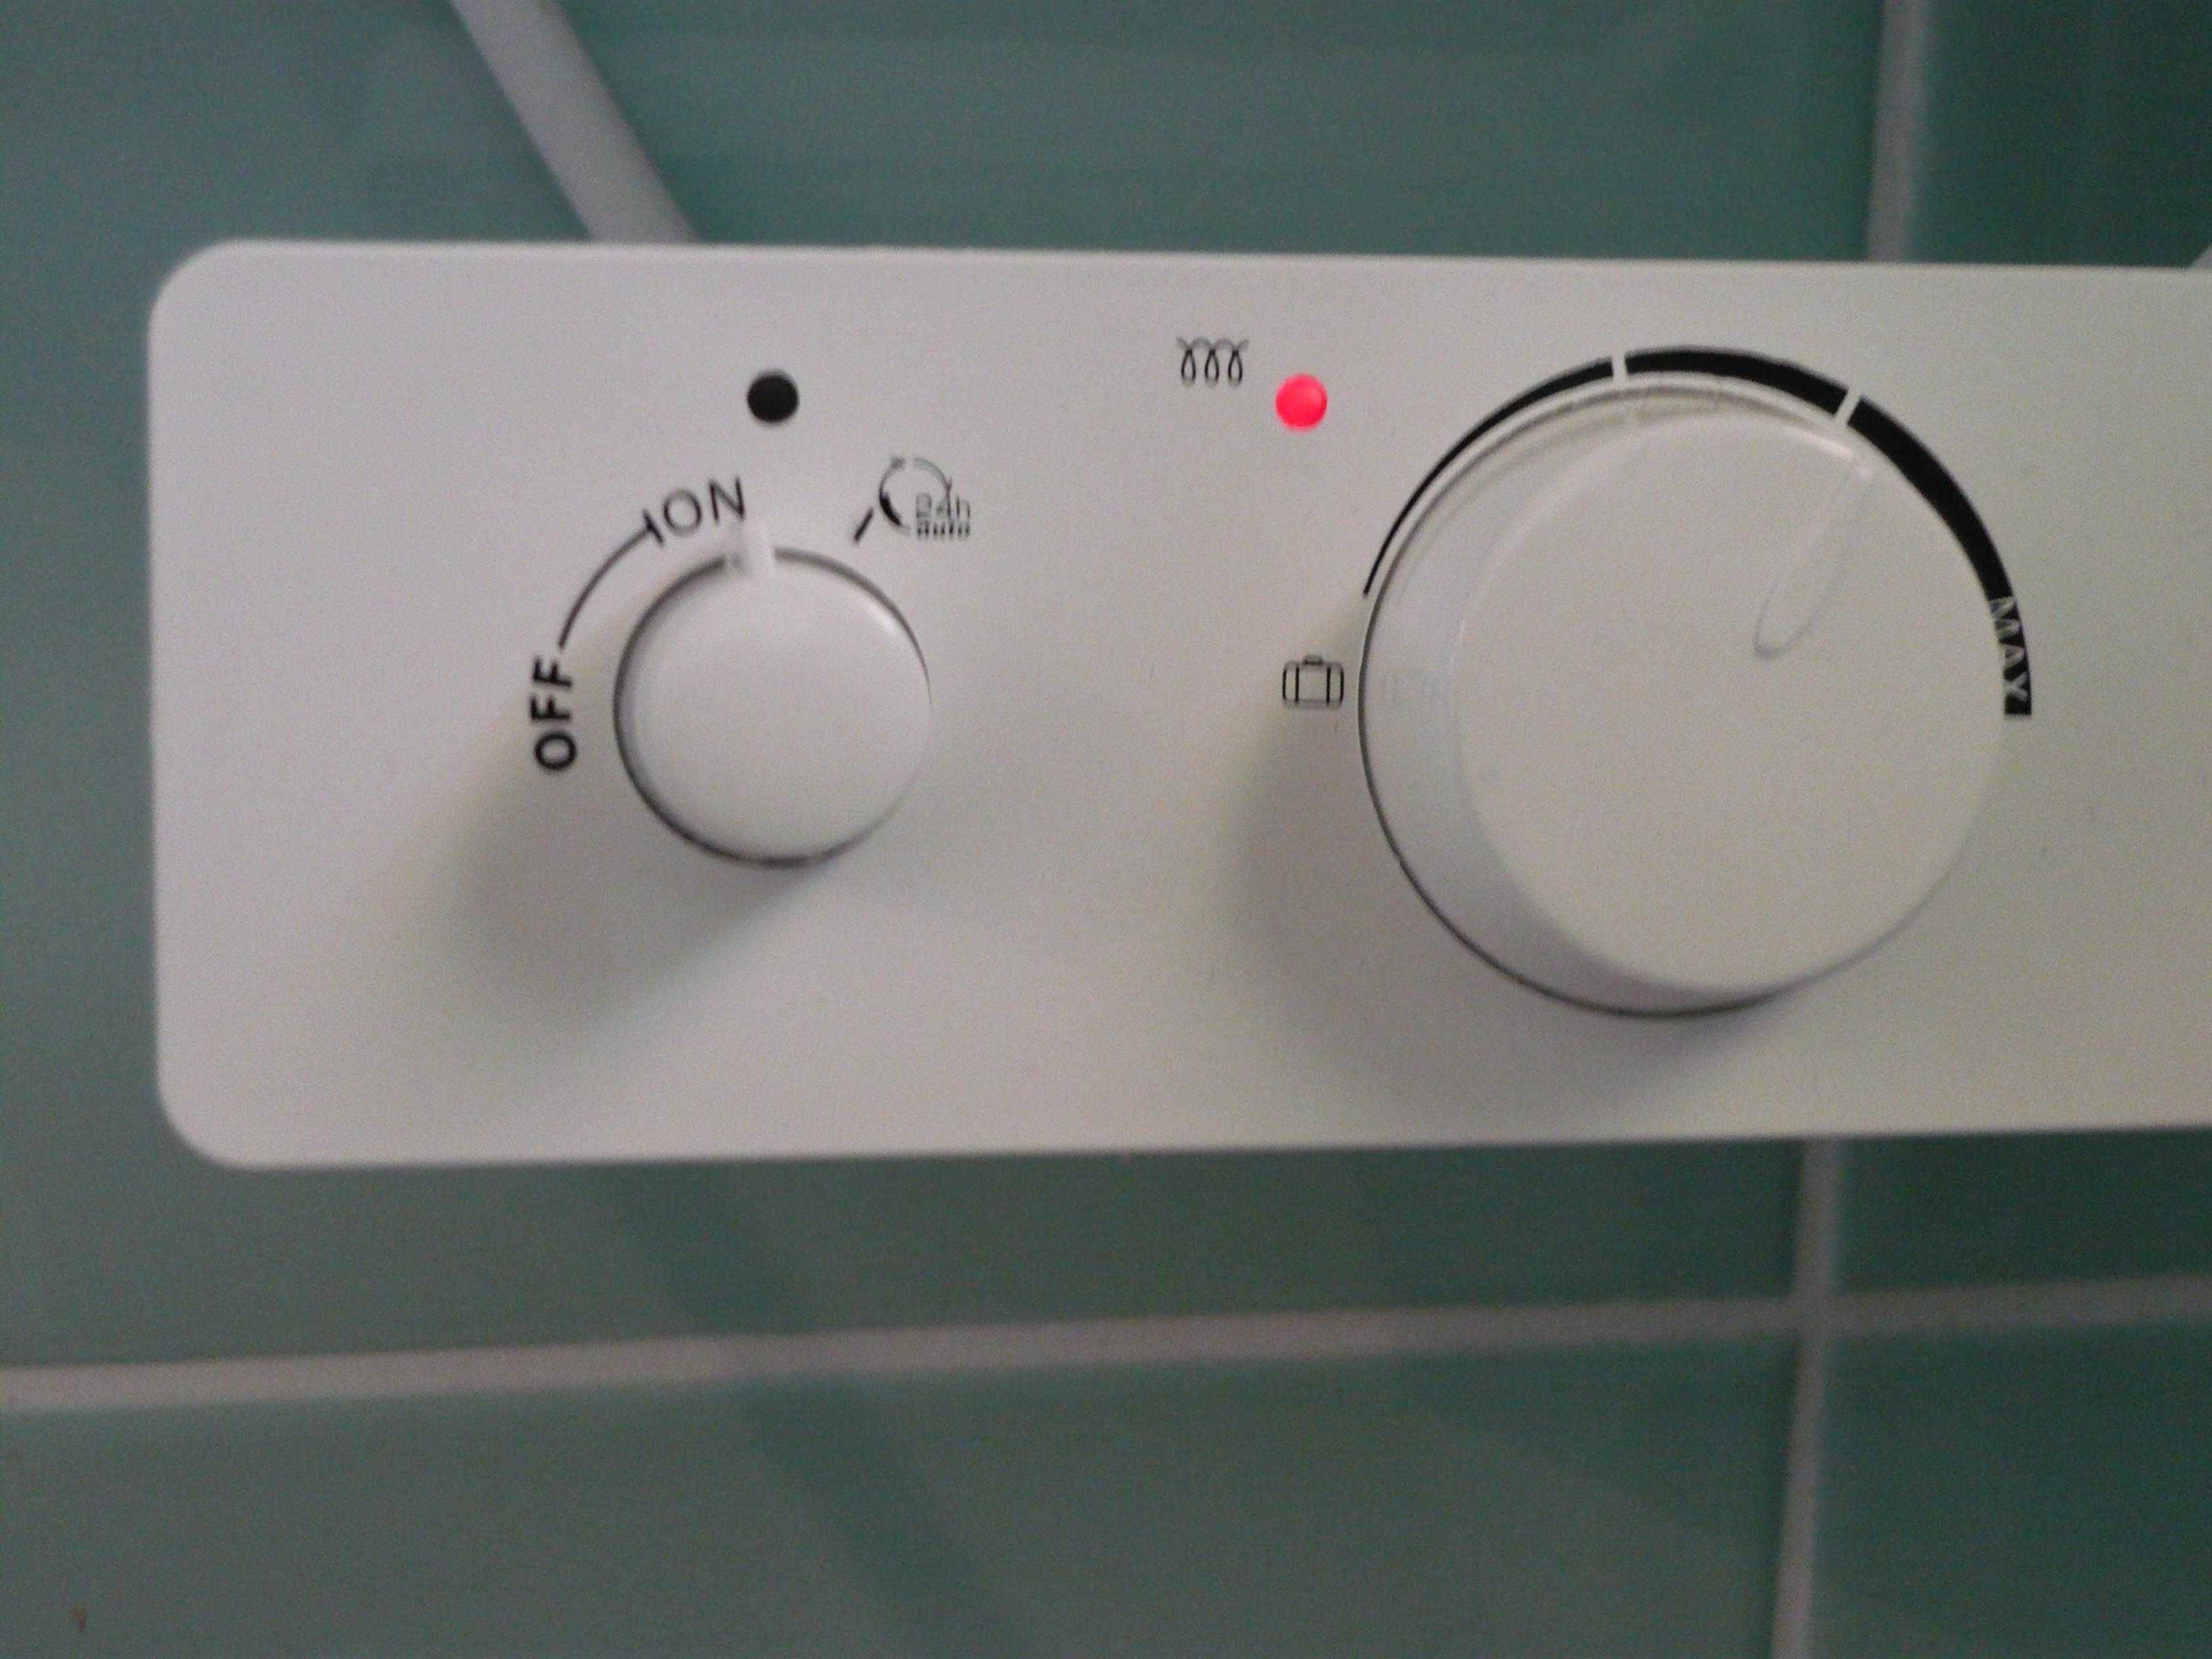 Pompa Di Calore Per Bagno domotica, gestione pwm termoarredi elettrici